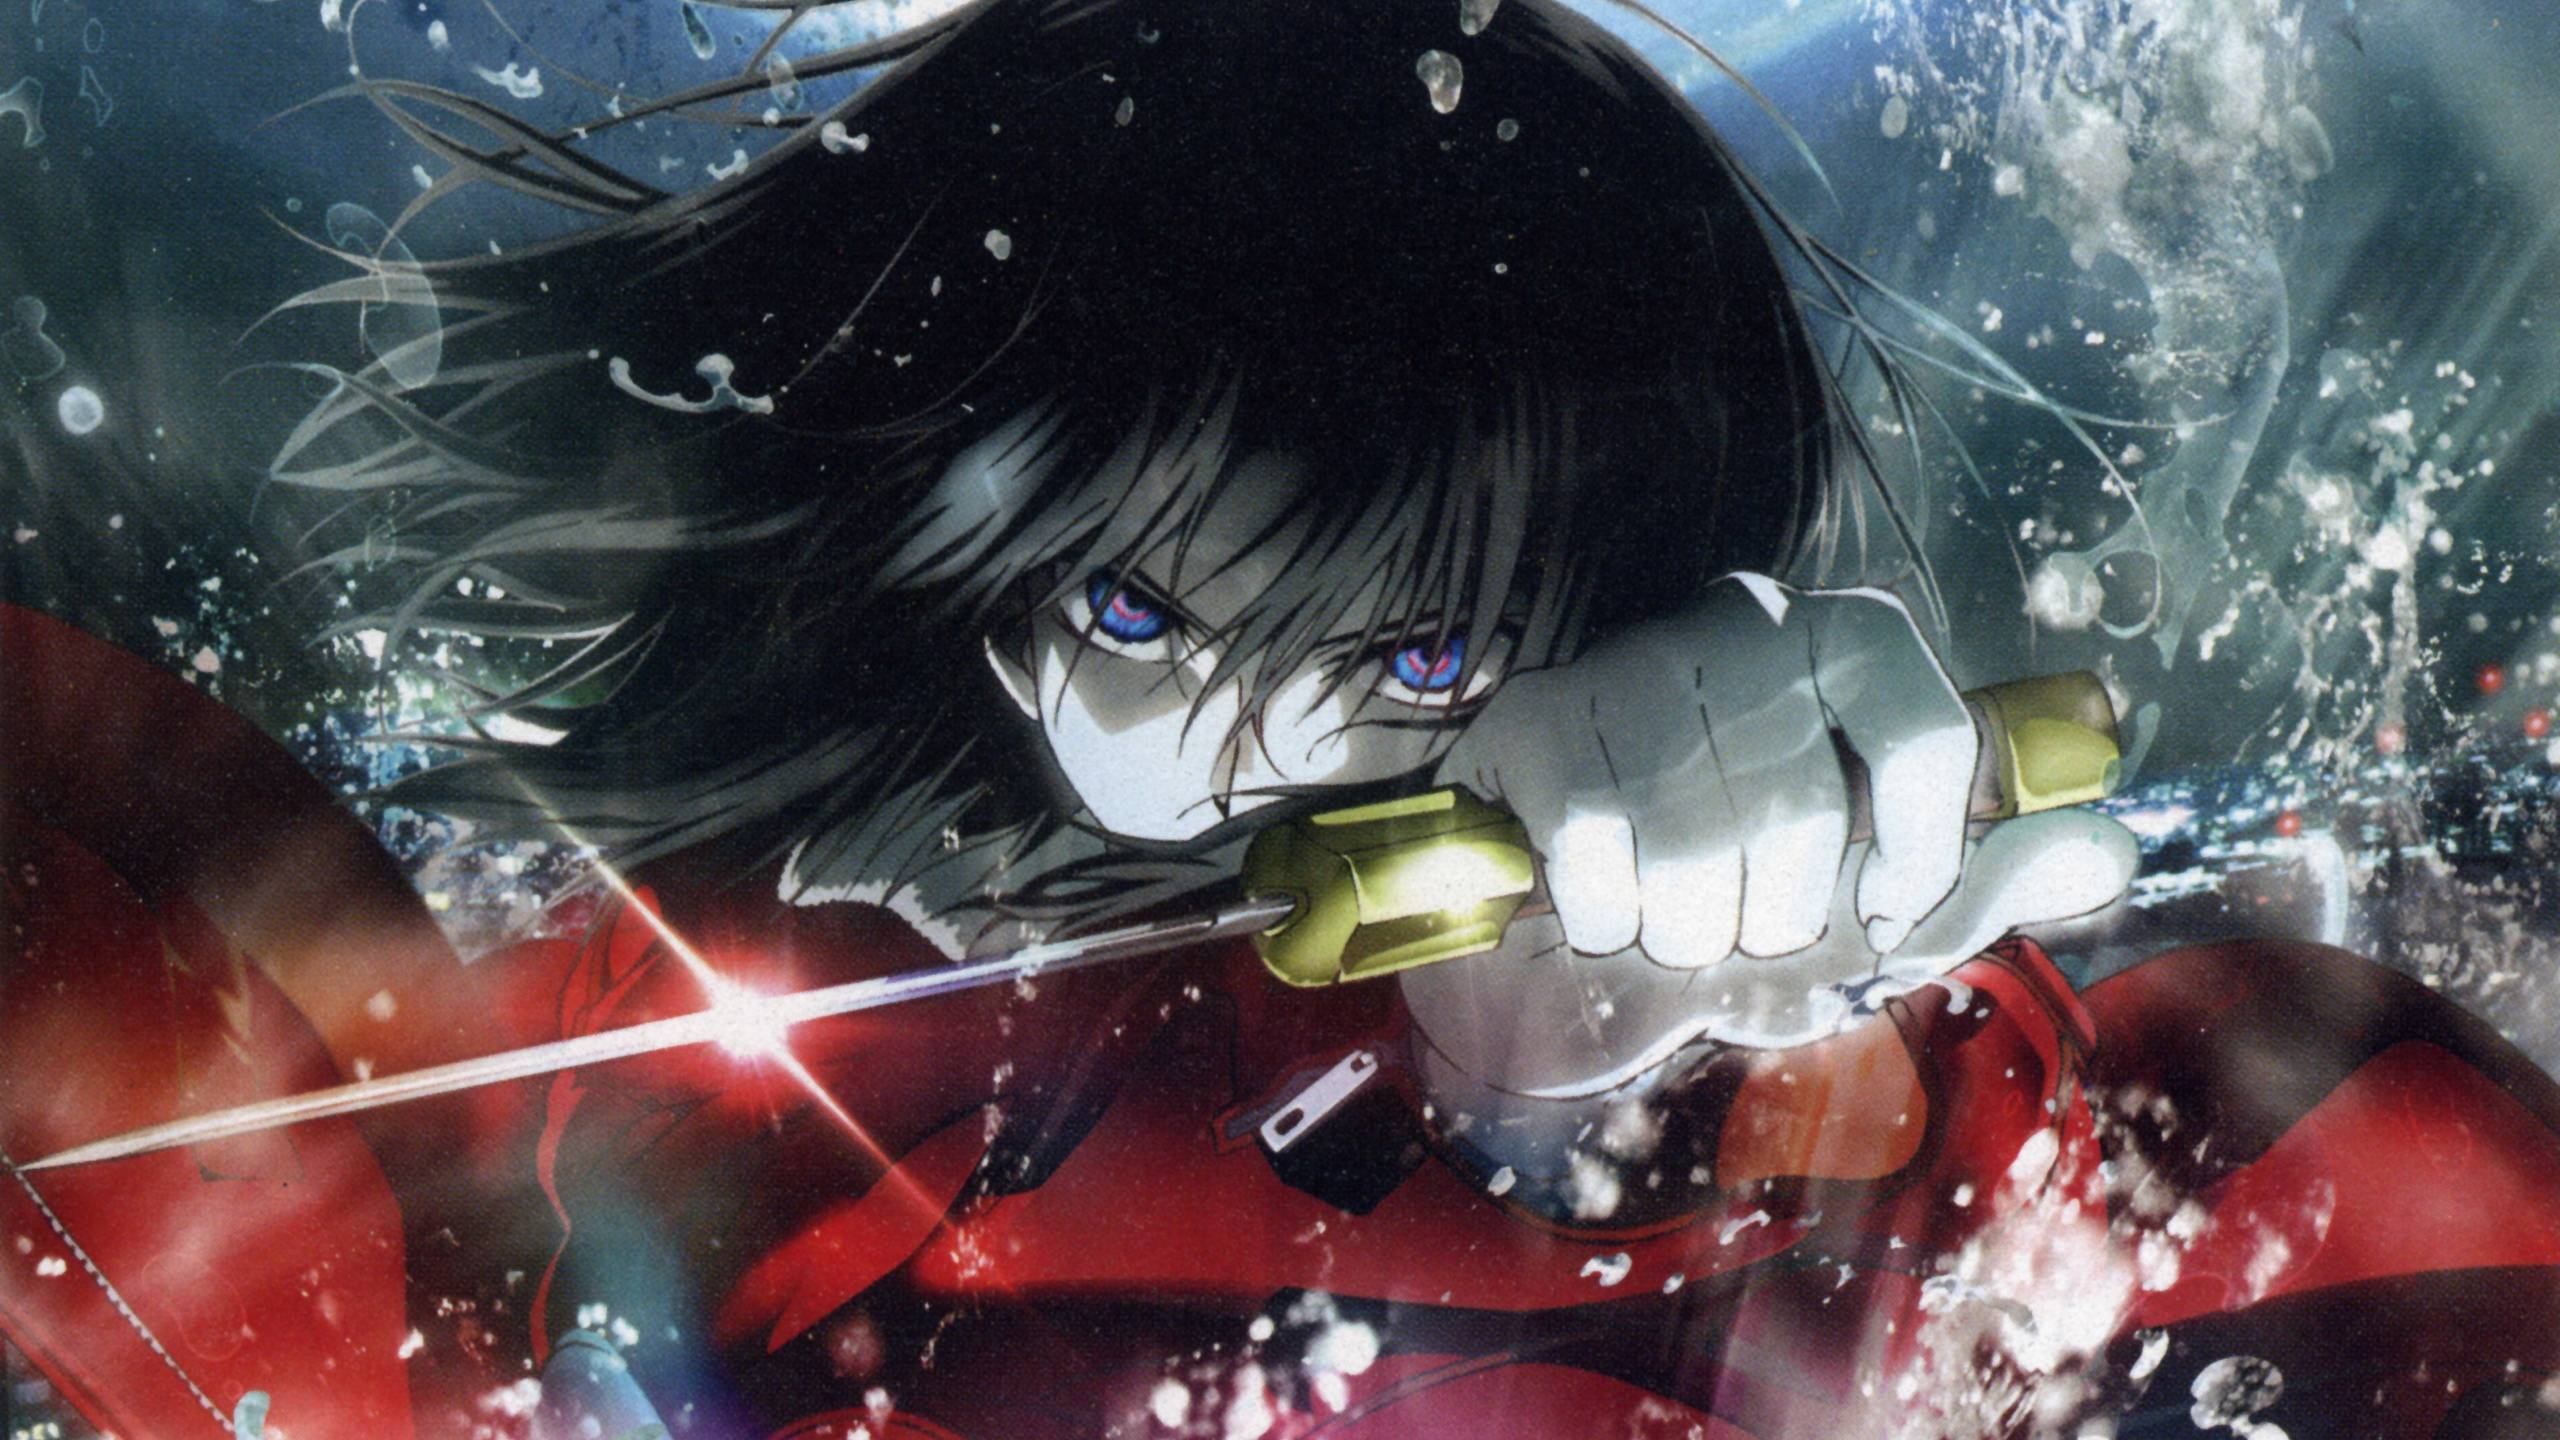 How to Watch Kara no Kyoukai (Garden of Sinners) in Order